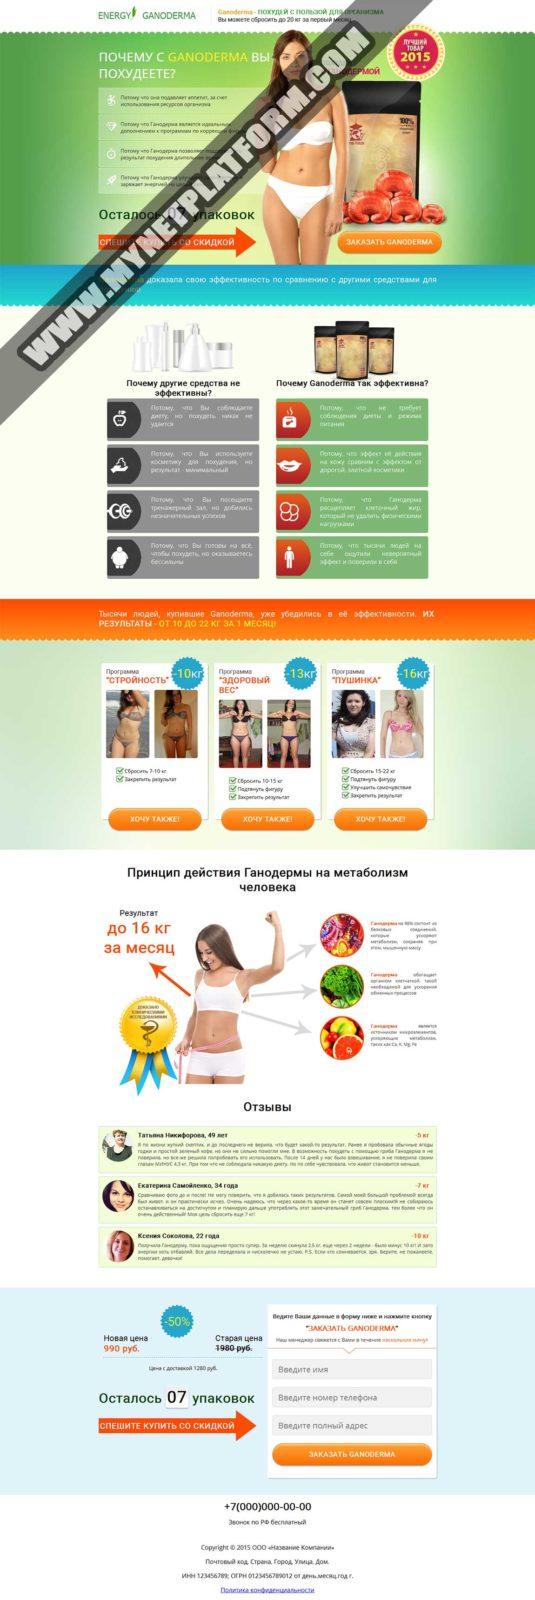 Скриншот лендинга Ganoderma для похудения 001